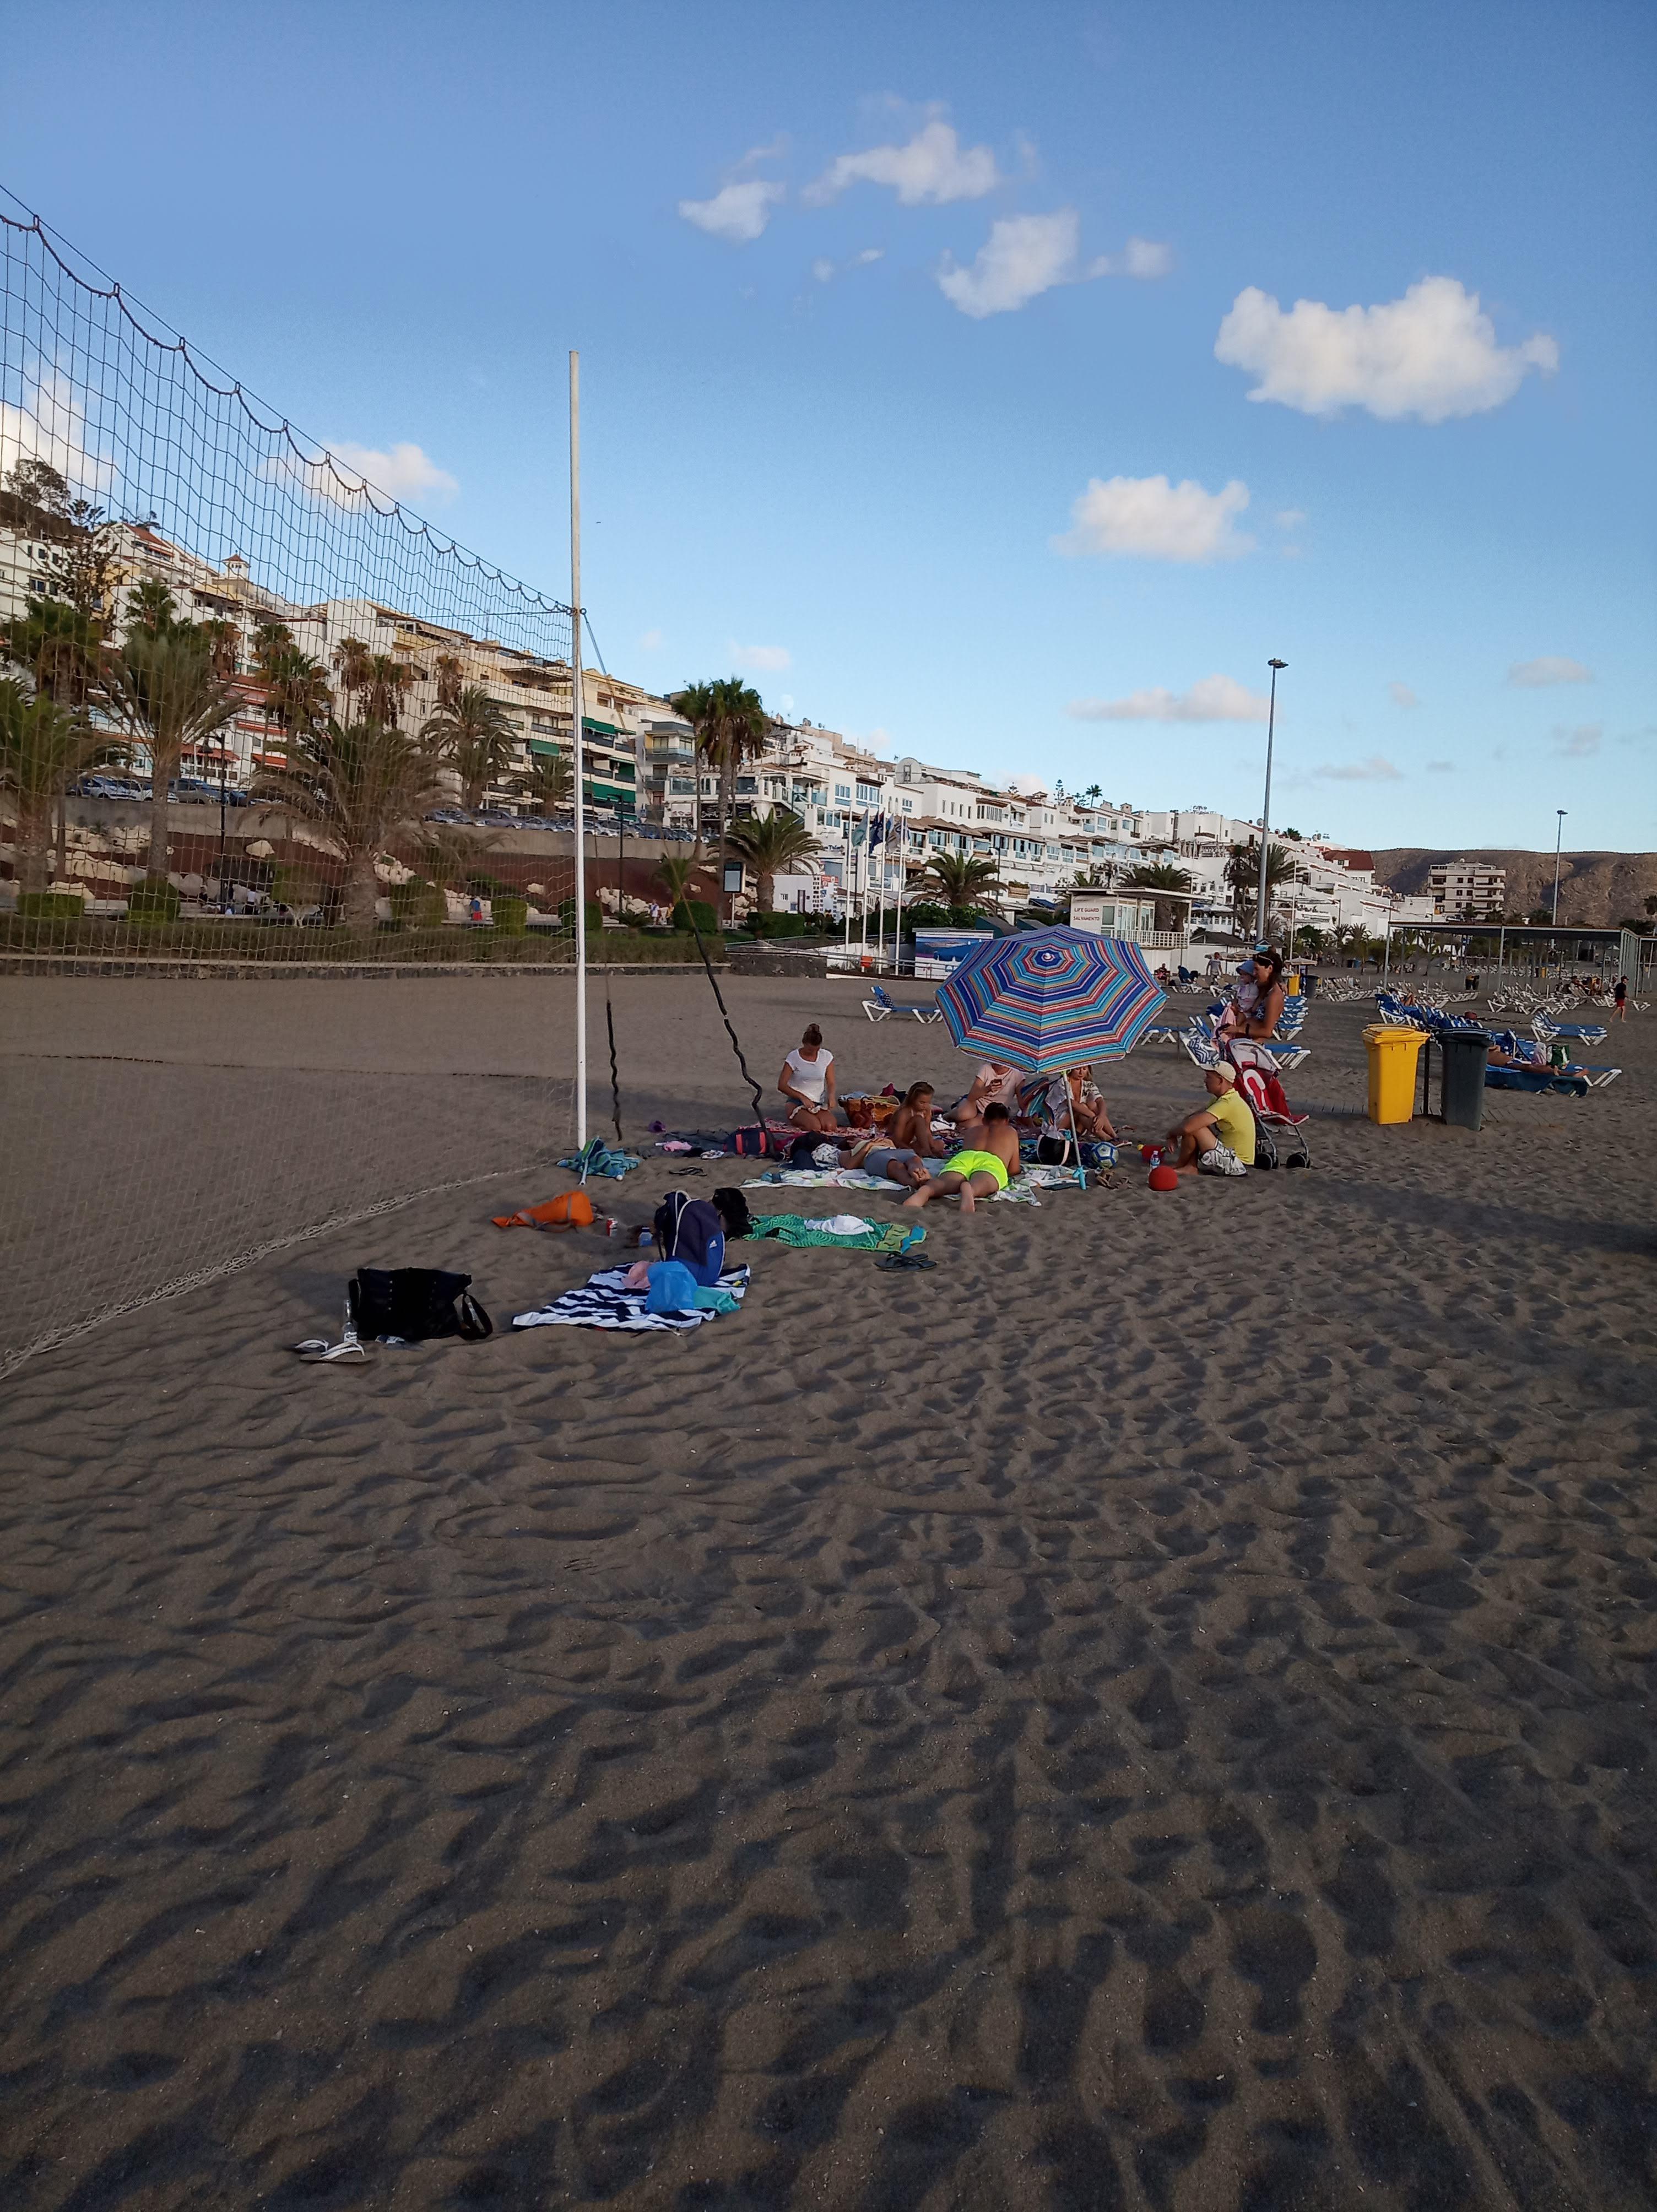 Renginiai, lietuviu bendruomene Tenerifeje, tinklinis, Las Vistas